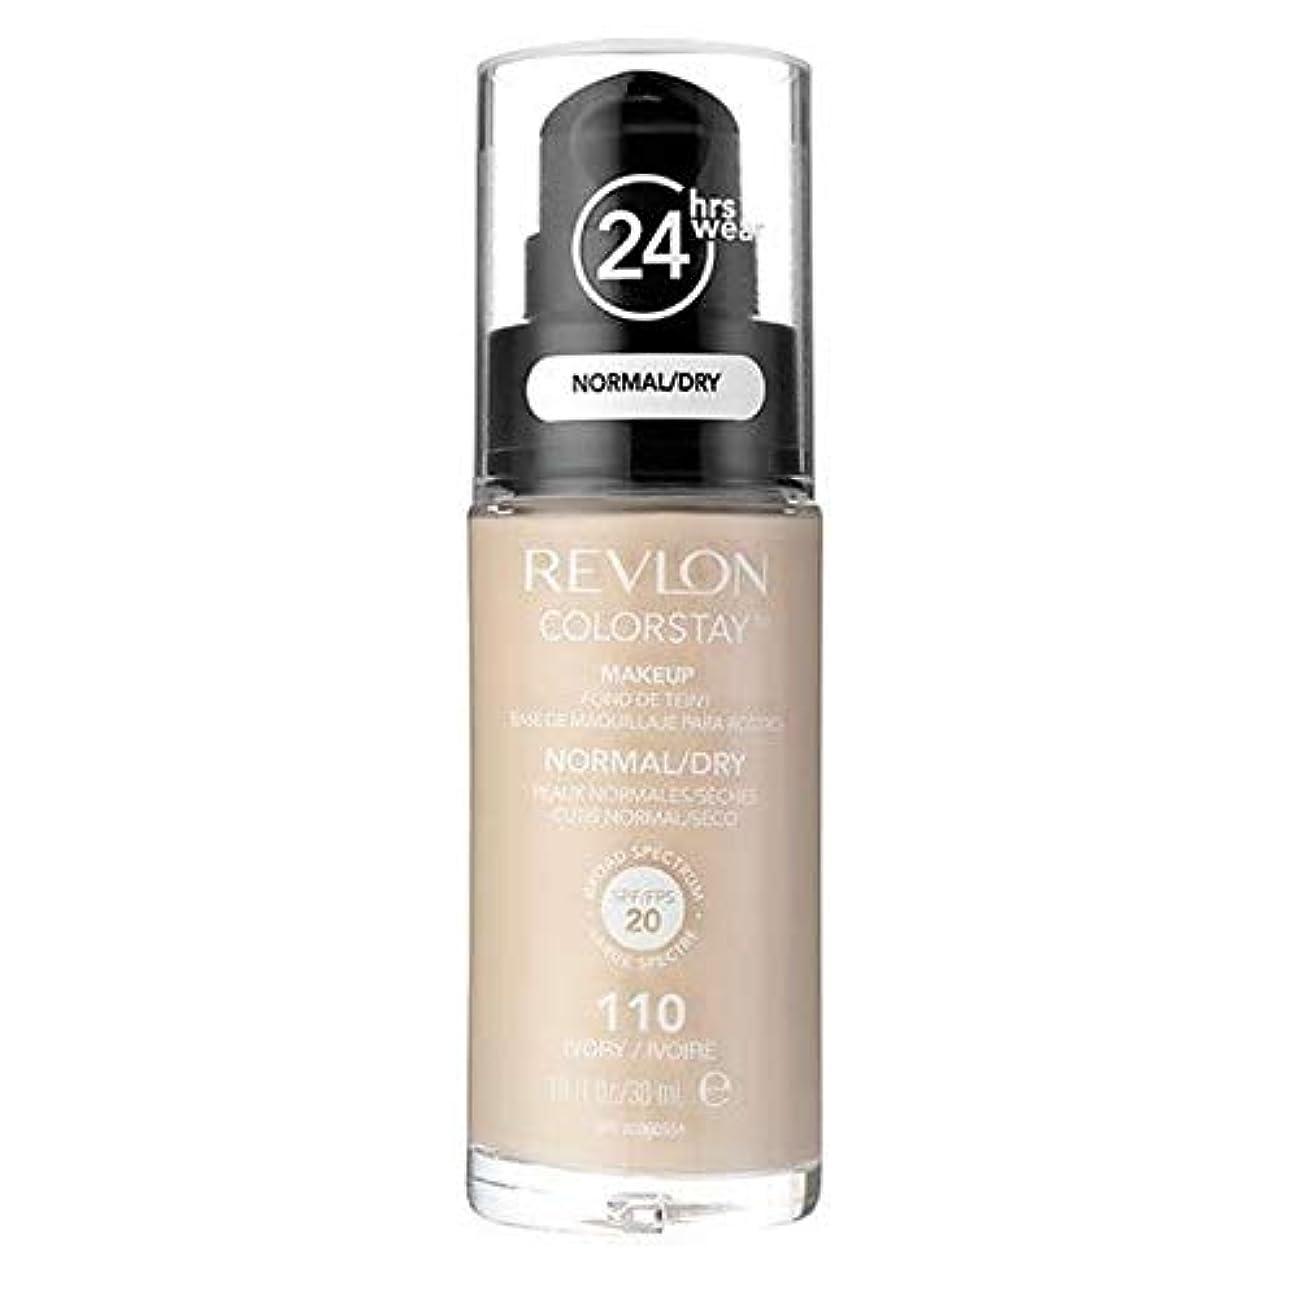 テンションメドレー推論[Revlon ] レブロンカラーステイ基盤ノルム/ドライアイボリー30ミリリットル - Revlon Color Stay Foundation Norm/Dry Ivory 30ml [並行輸入品]